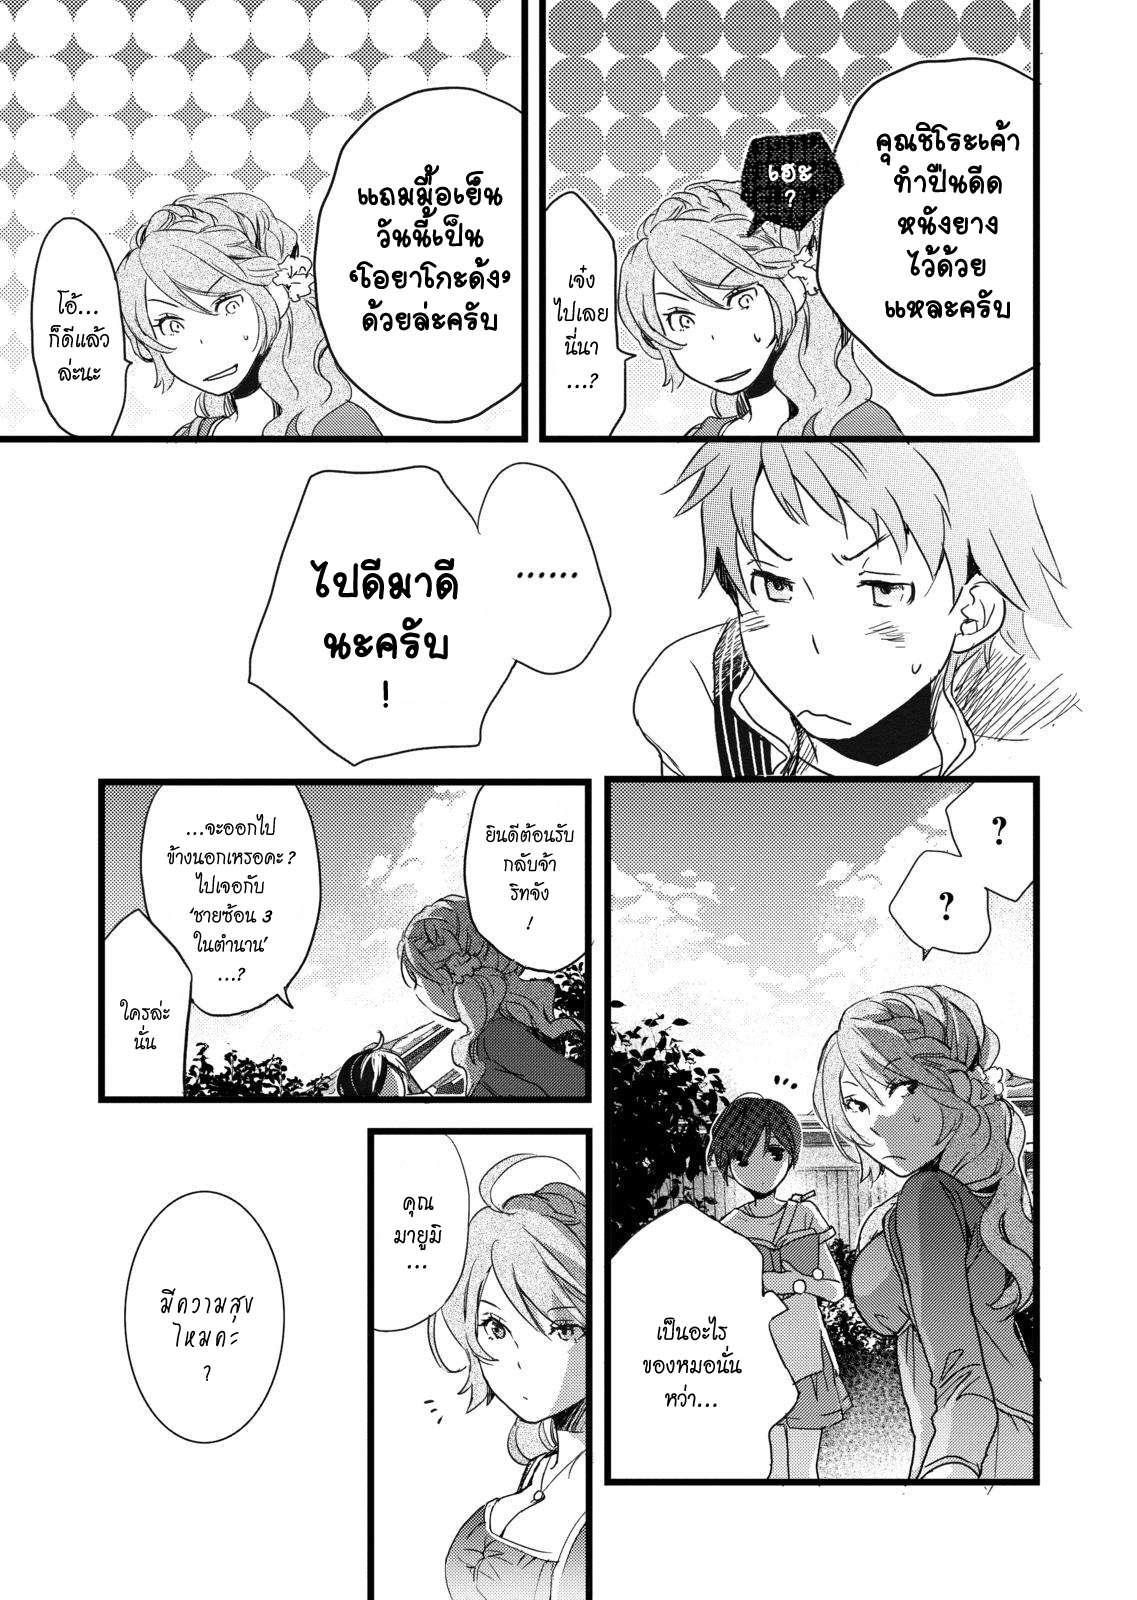 อ่านการ์ตูน Bokura wa Minna Kawaisou ตอนที่ 8 หน้าที่ 16